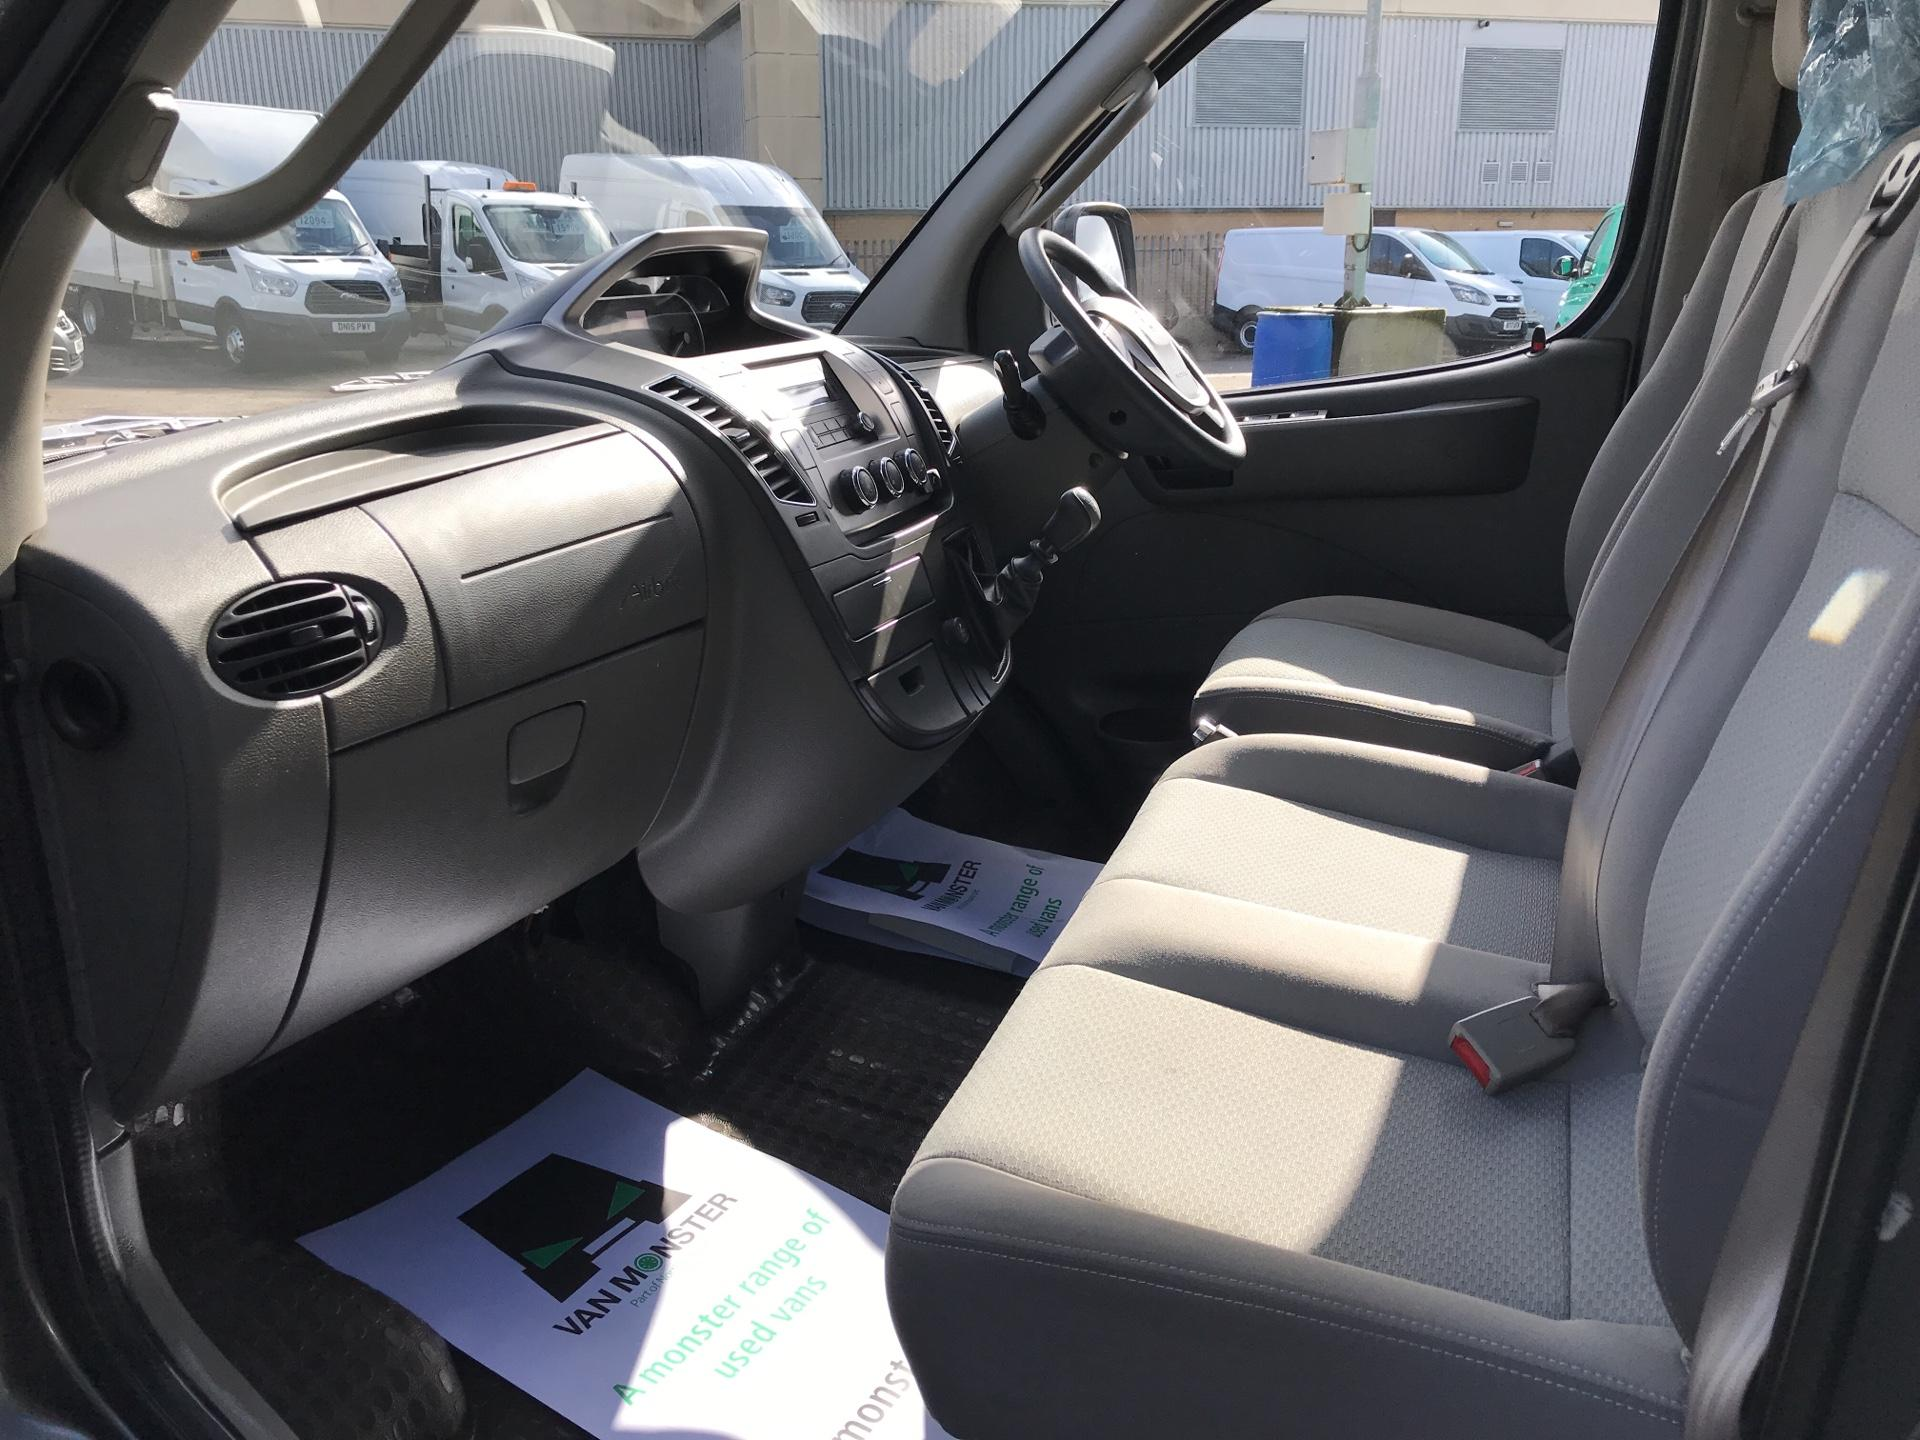 2018 Ldv V80 LWB 2.5 HIGH ROOF EURO 5 (PX18CUW) Image 14